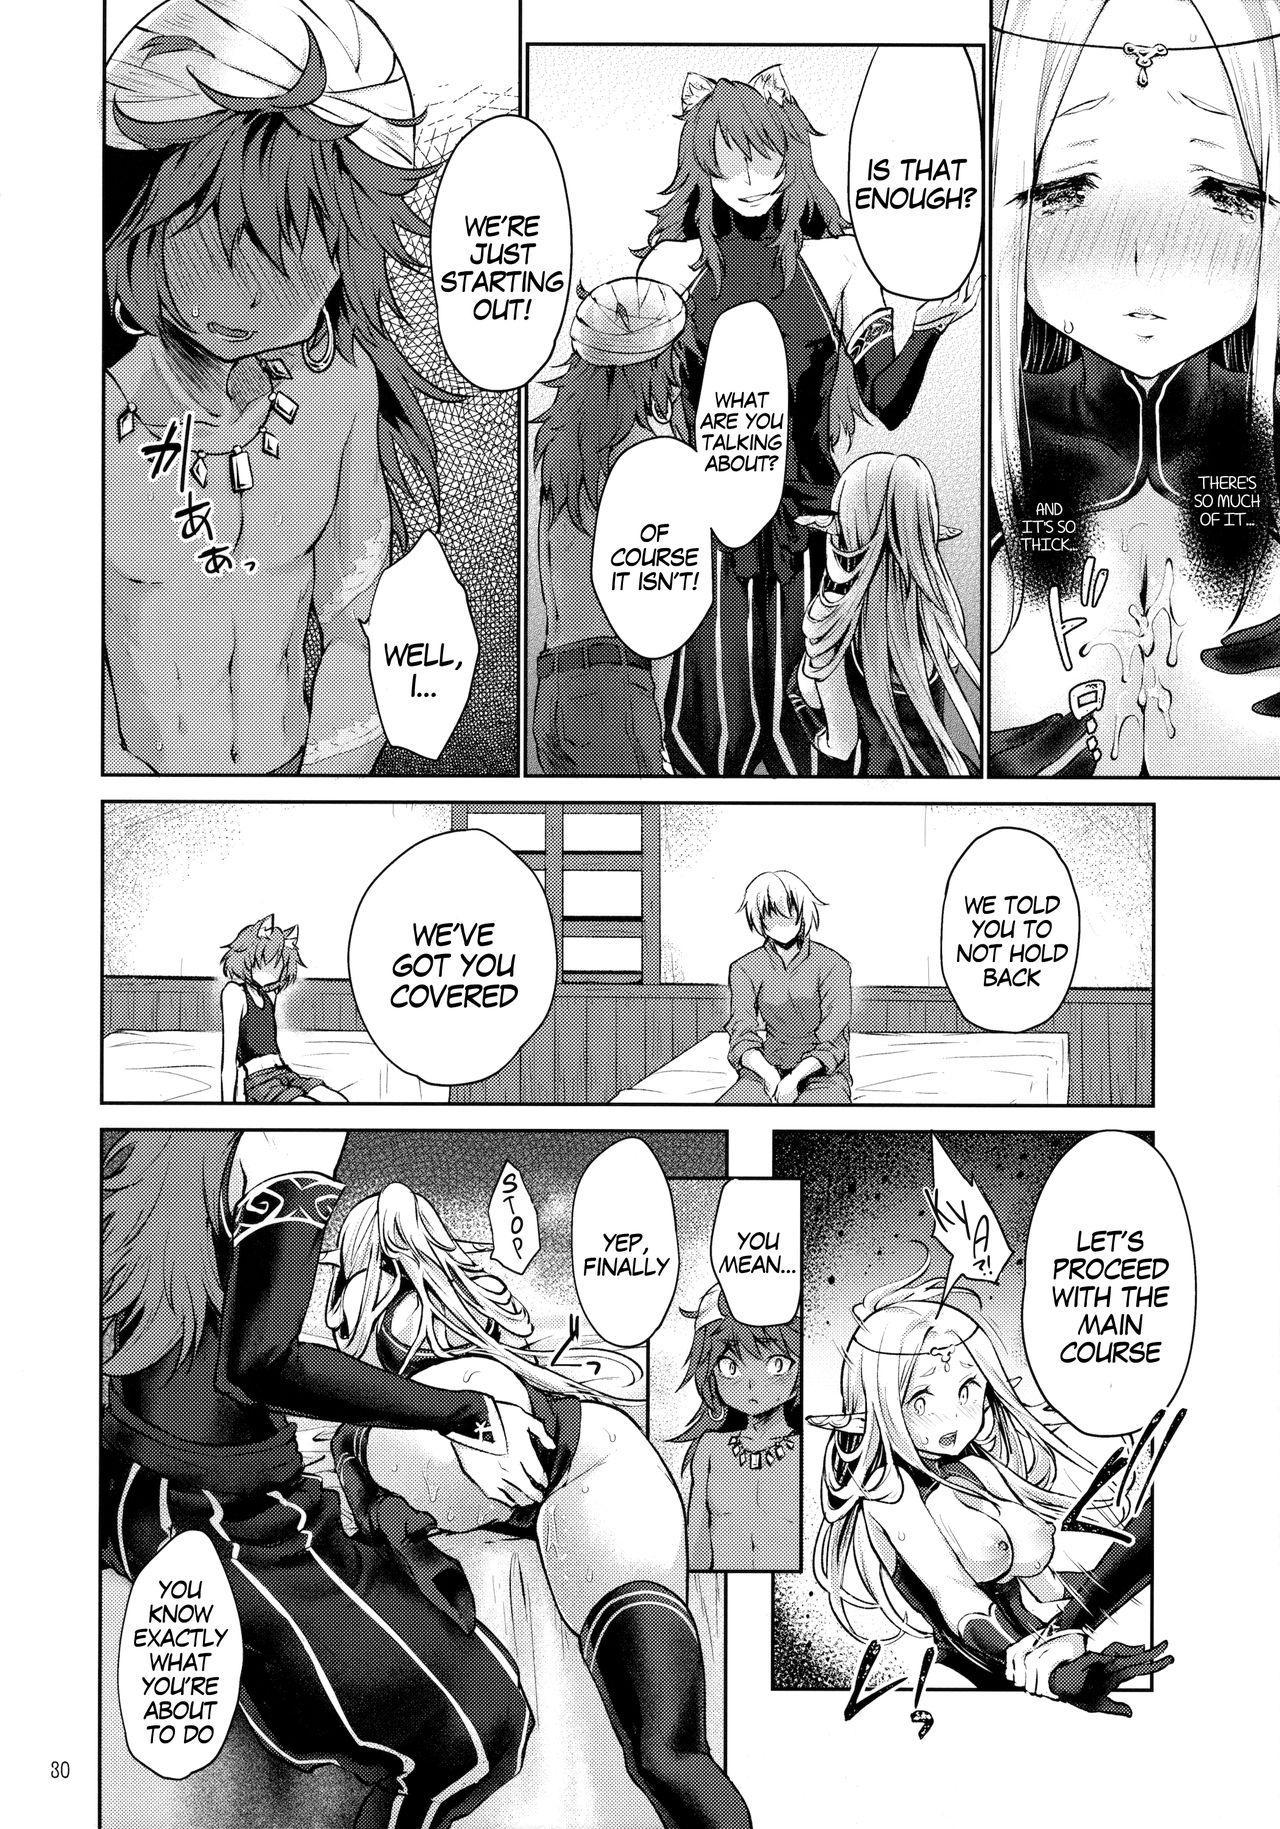 Hajimete no Sekaiju 2 28